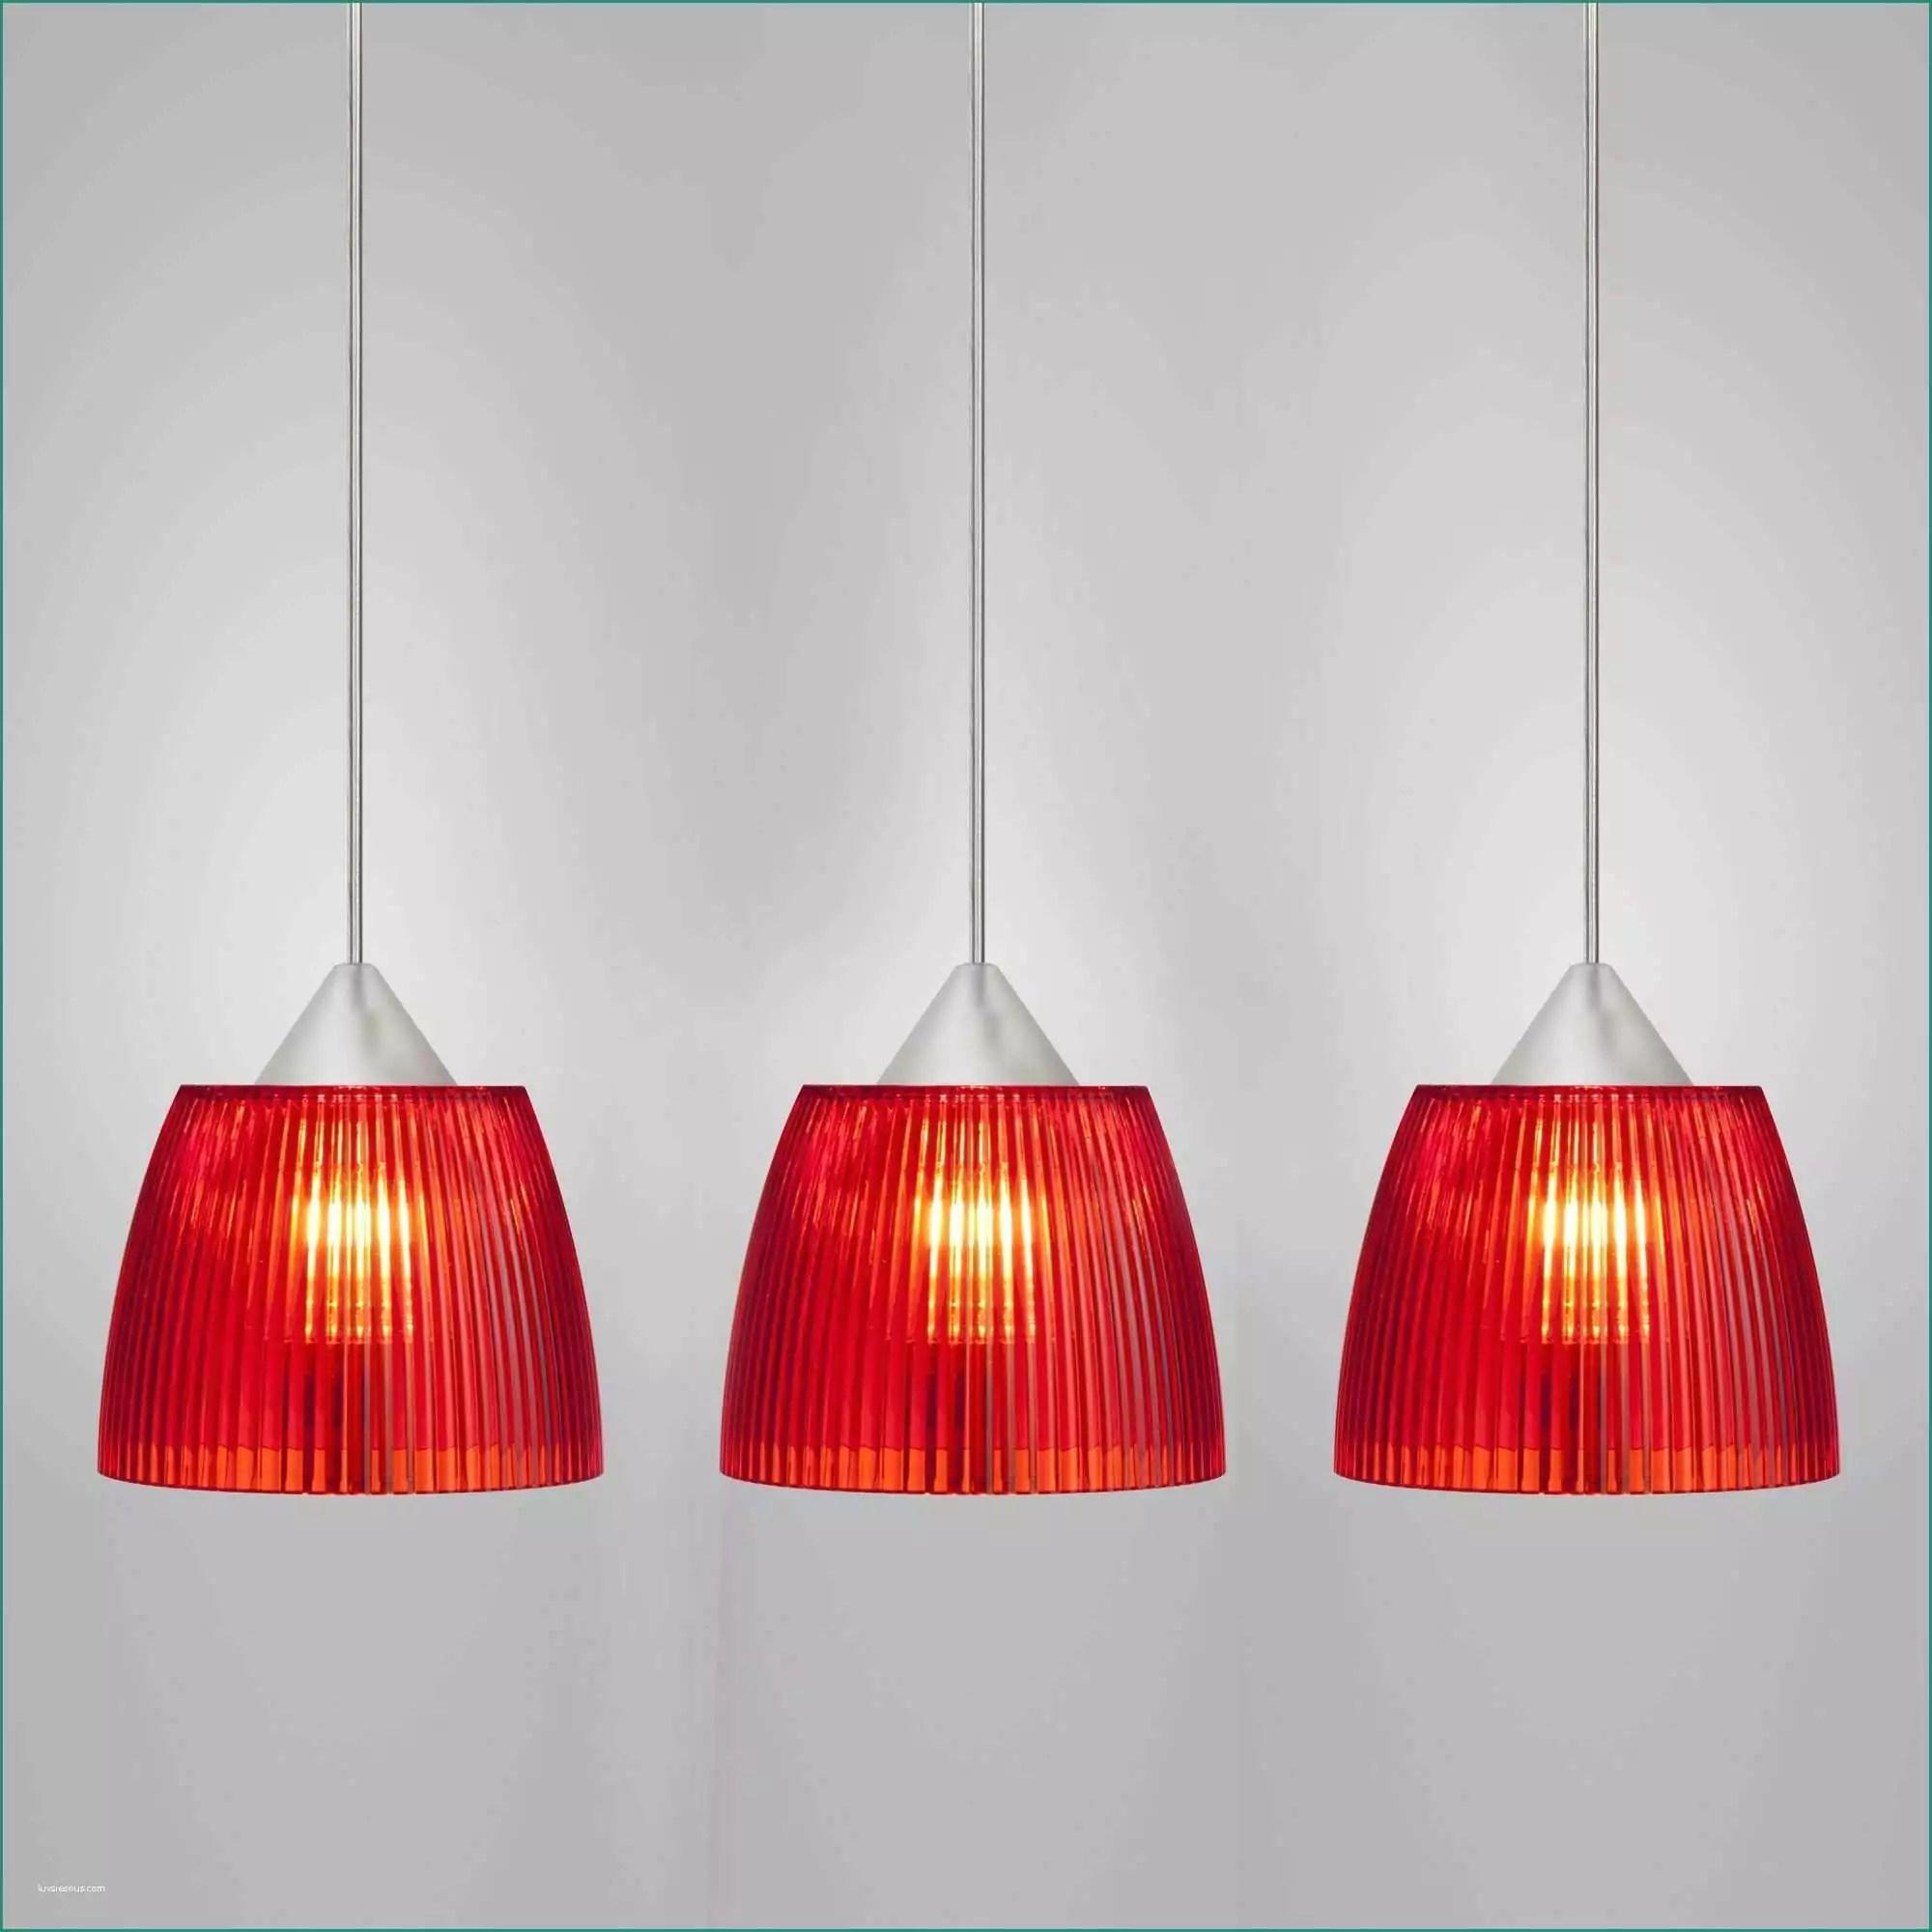 Lampade Design Outlet - Idee per la progettazione di ...